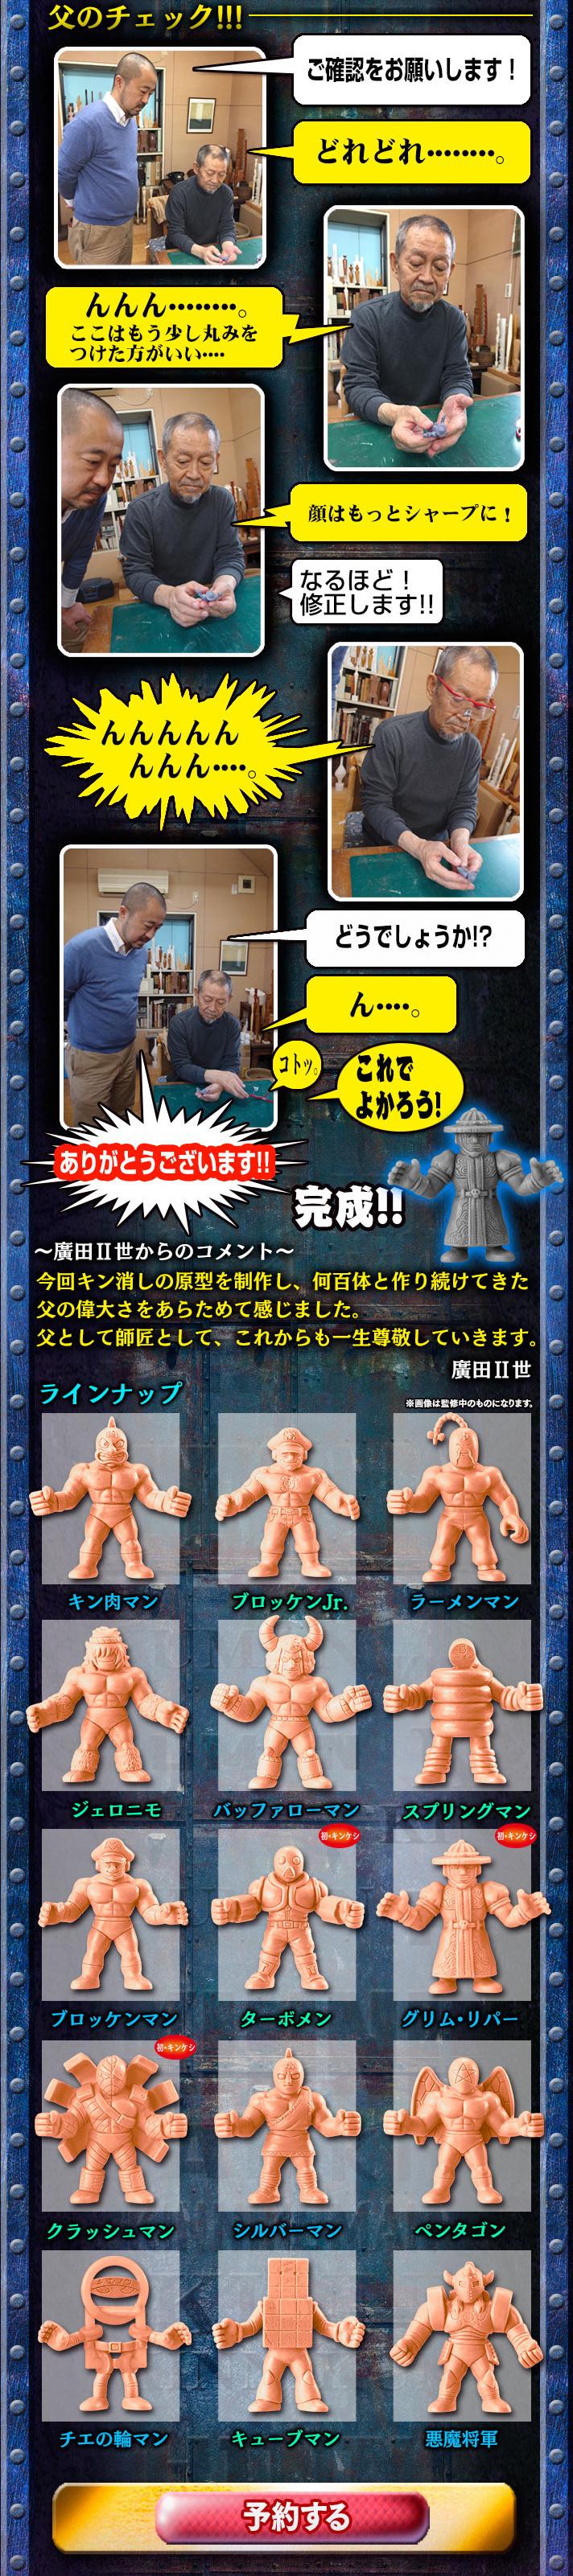 712_kinkeshi02_jyucyu_03_pc.jpg